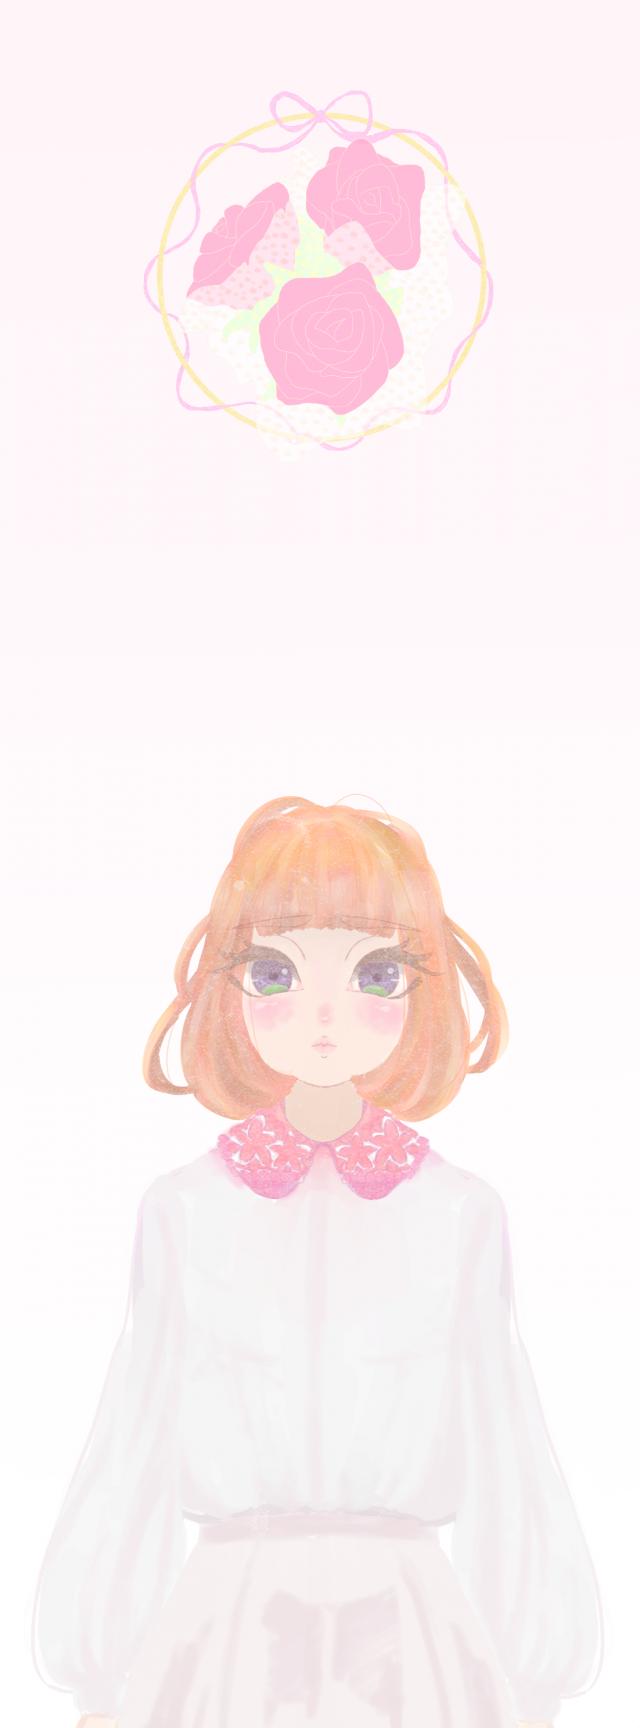 可愛い女の子 作品詳細 Illustdays シンプルイラストポートフォリオ